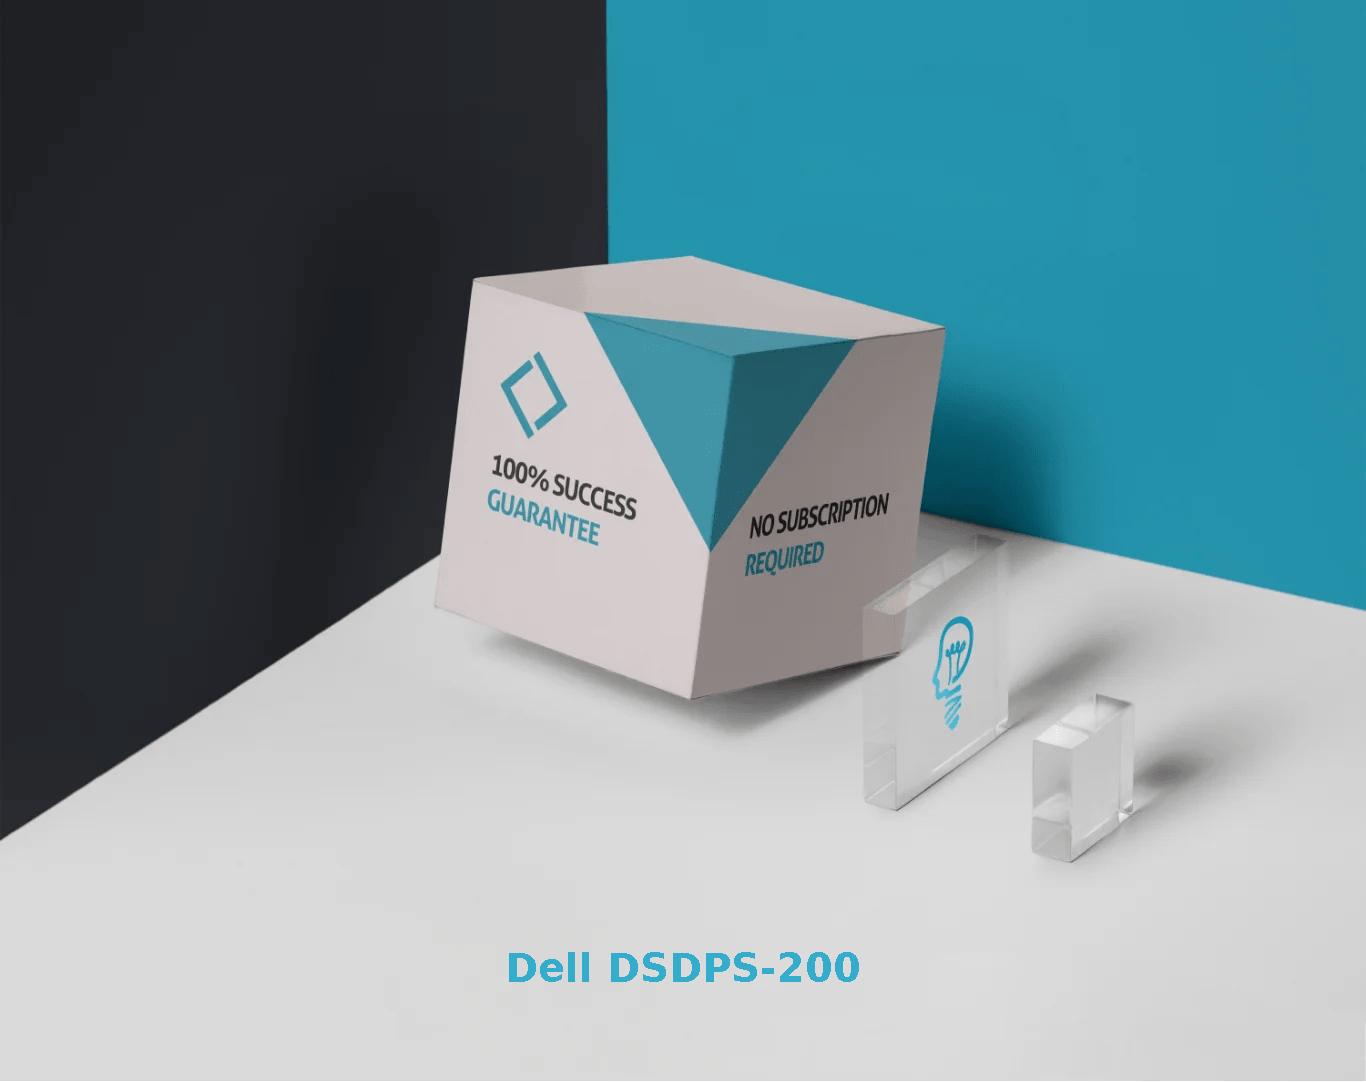 DSDPS-200 Dumps